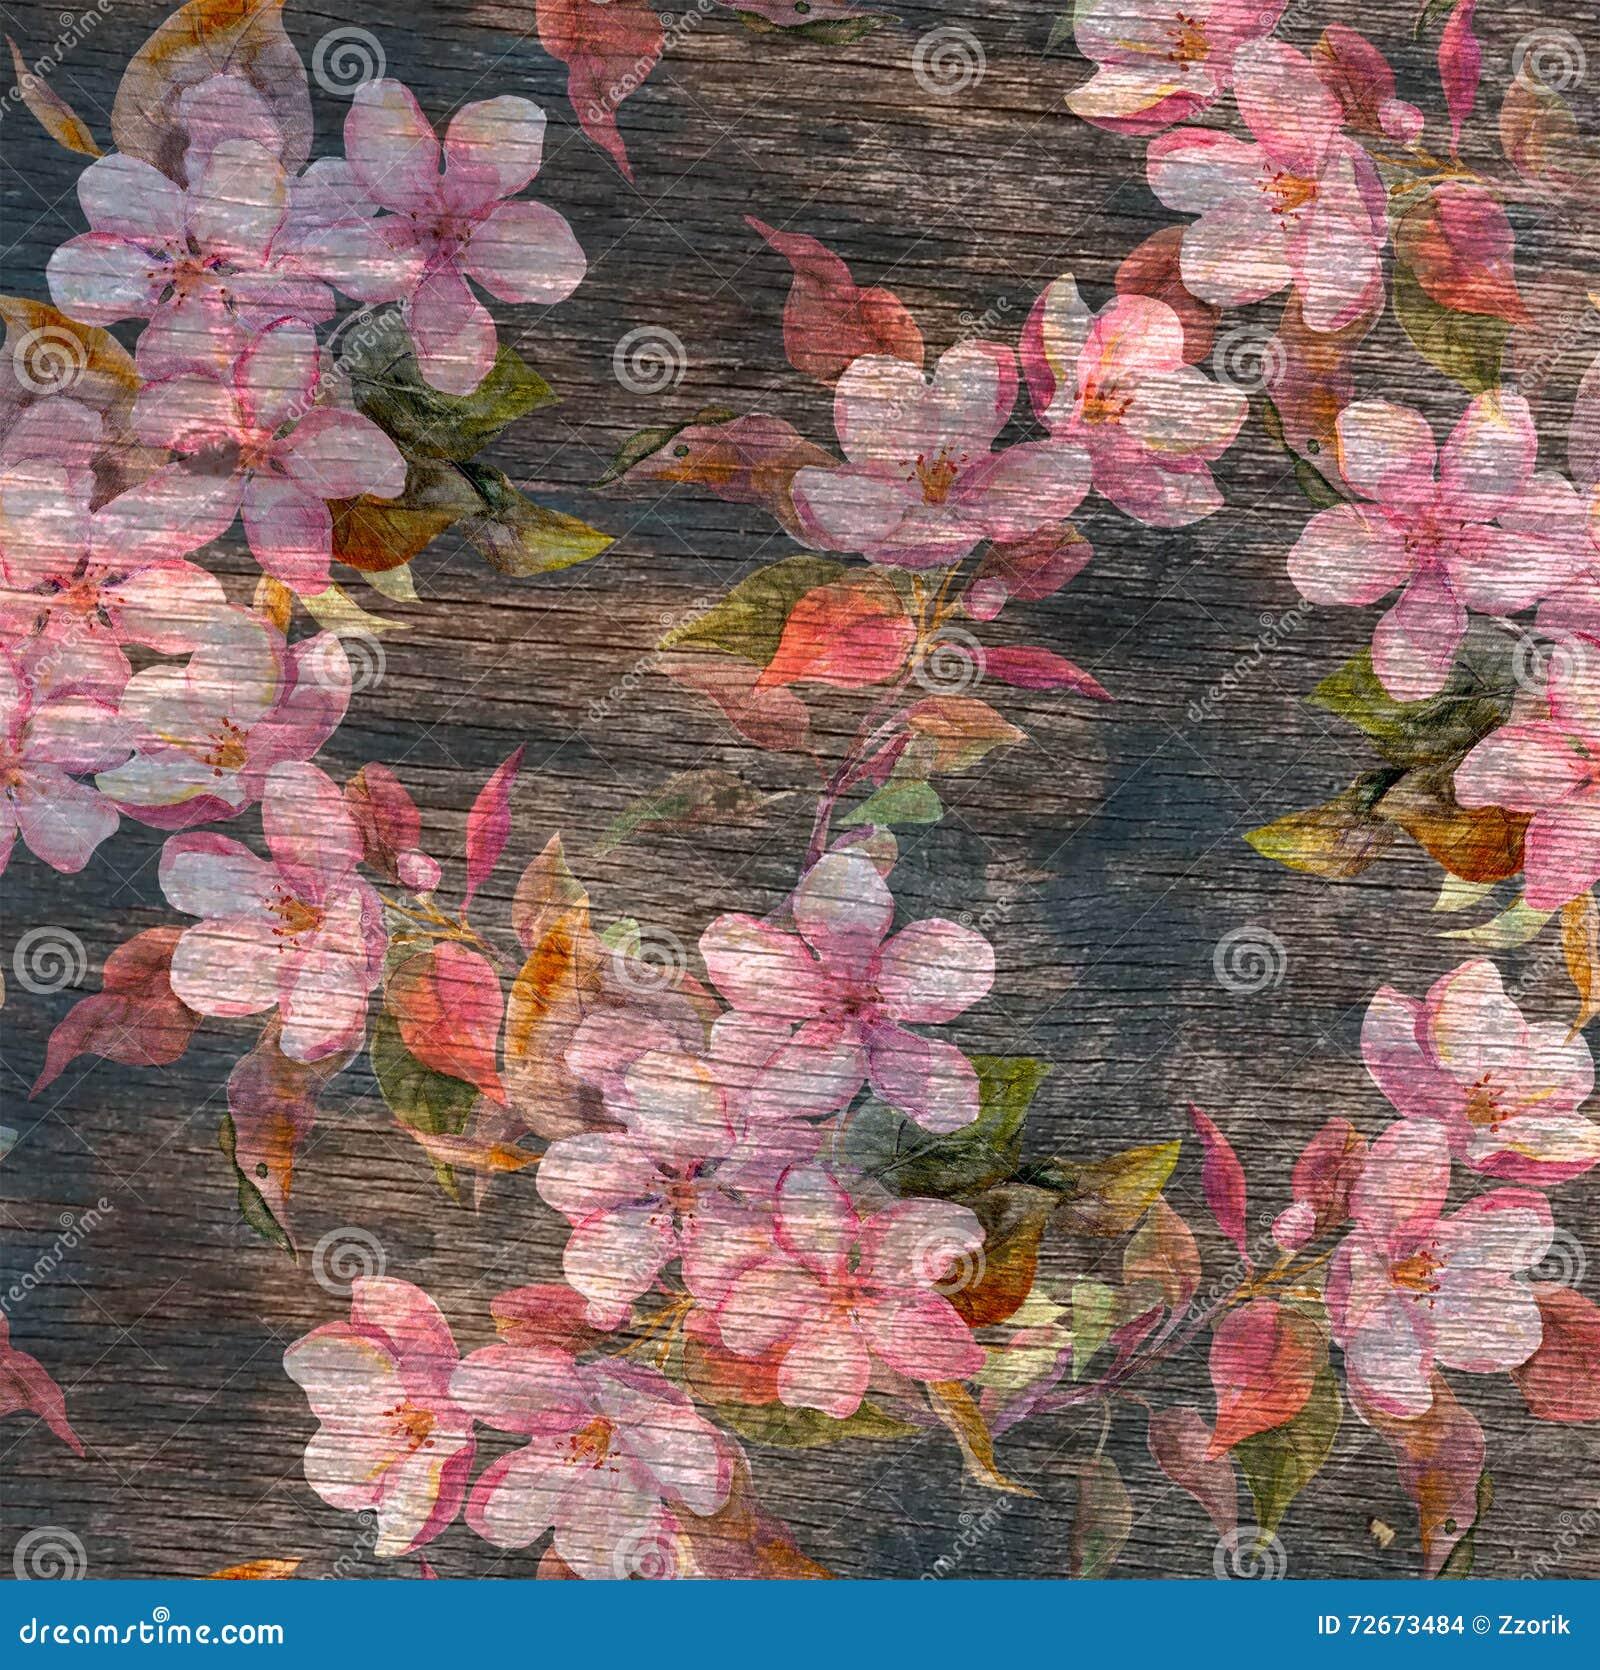 Винтажный цветочный узор - розовые цветки, старая деревянная текстура акварель